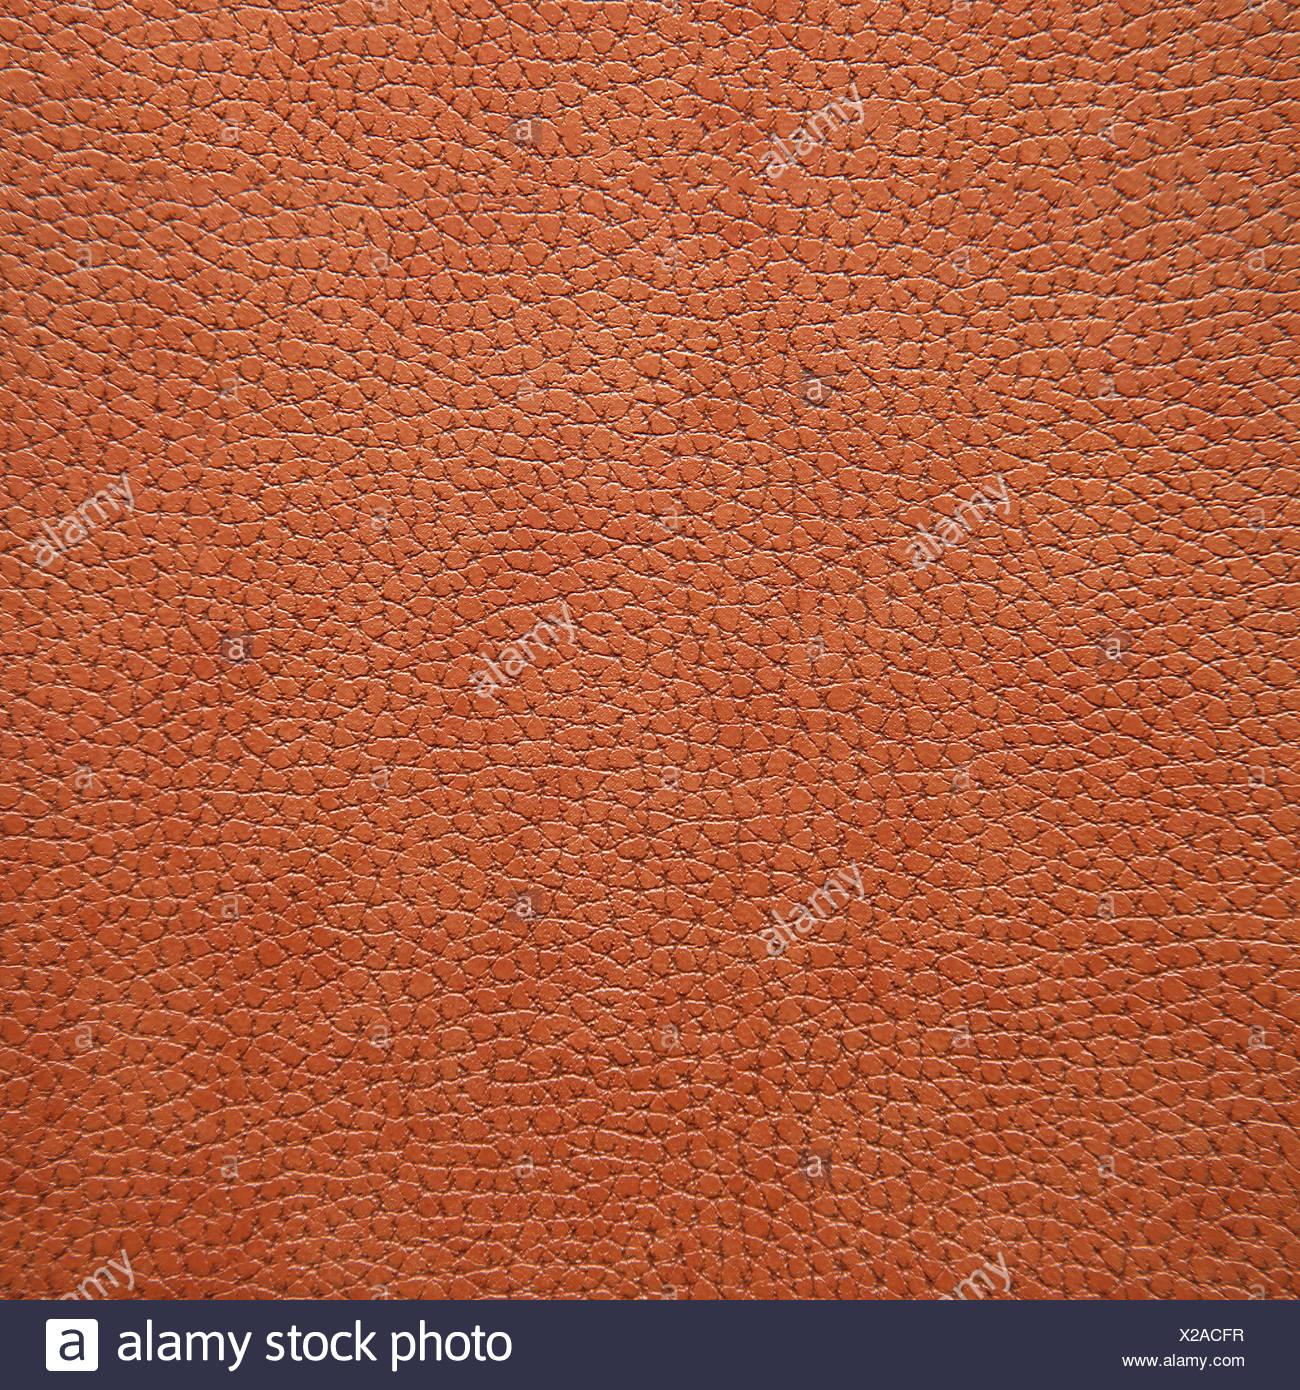 imitation leather background - Stock Image